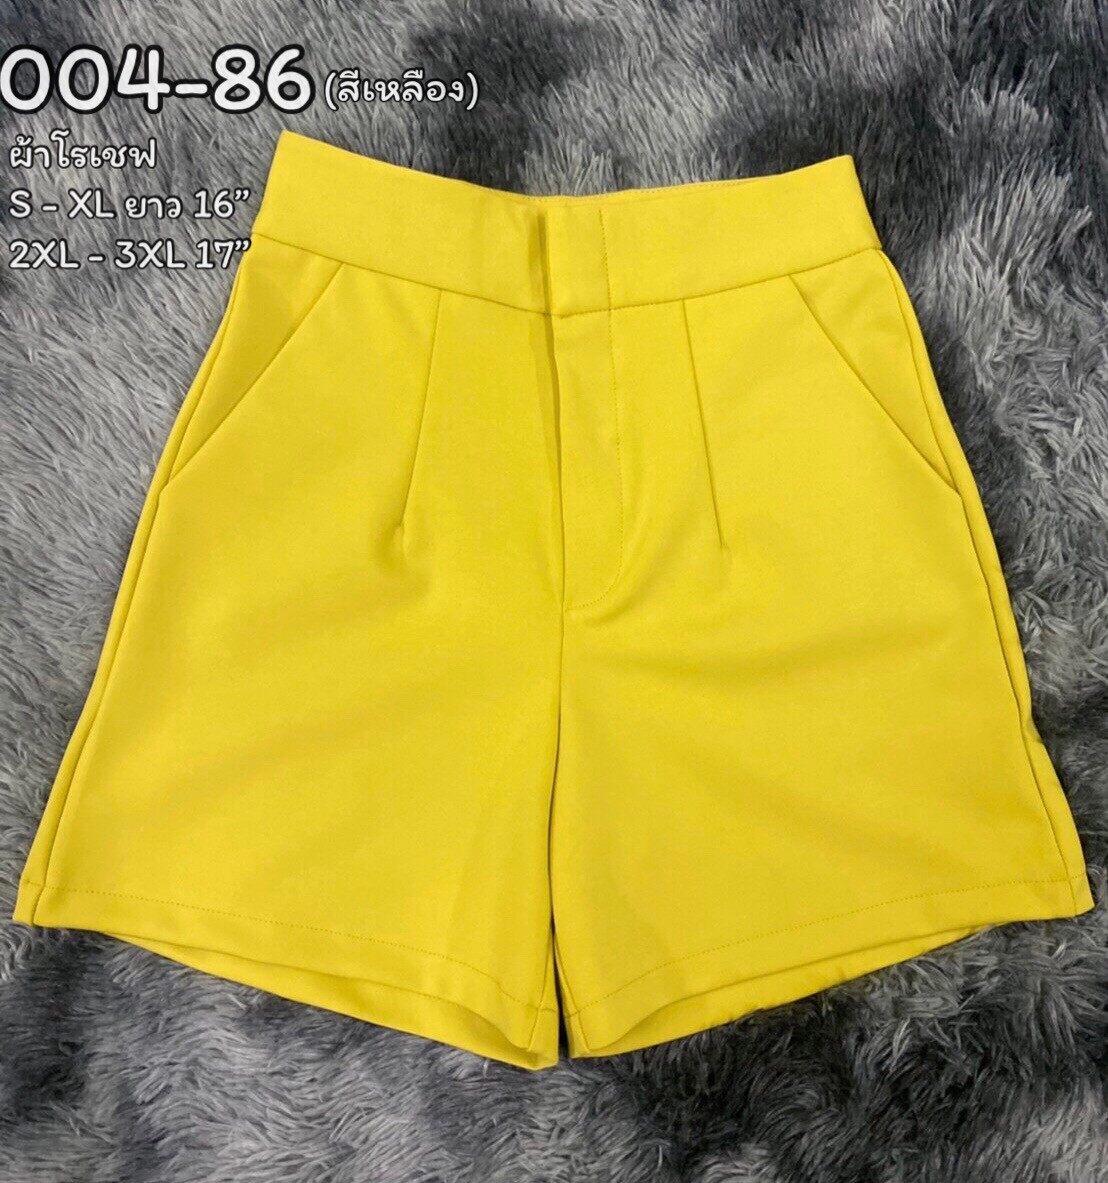 OHOskirt กางเกงขาสั้น กางเกงซิปหน้า กางเกงผ้าโรเชฟ 004-82/004-83 / 004-84 /004-80 /004-87/004-88/004-85/004-81/004-86